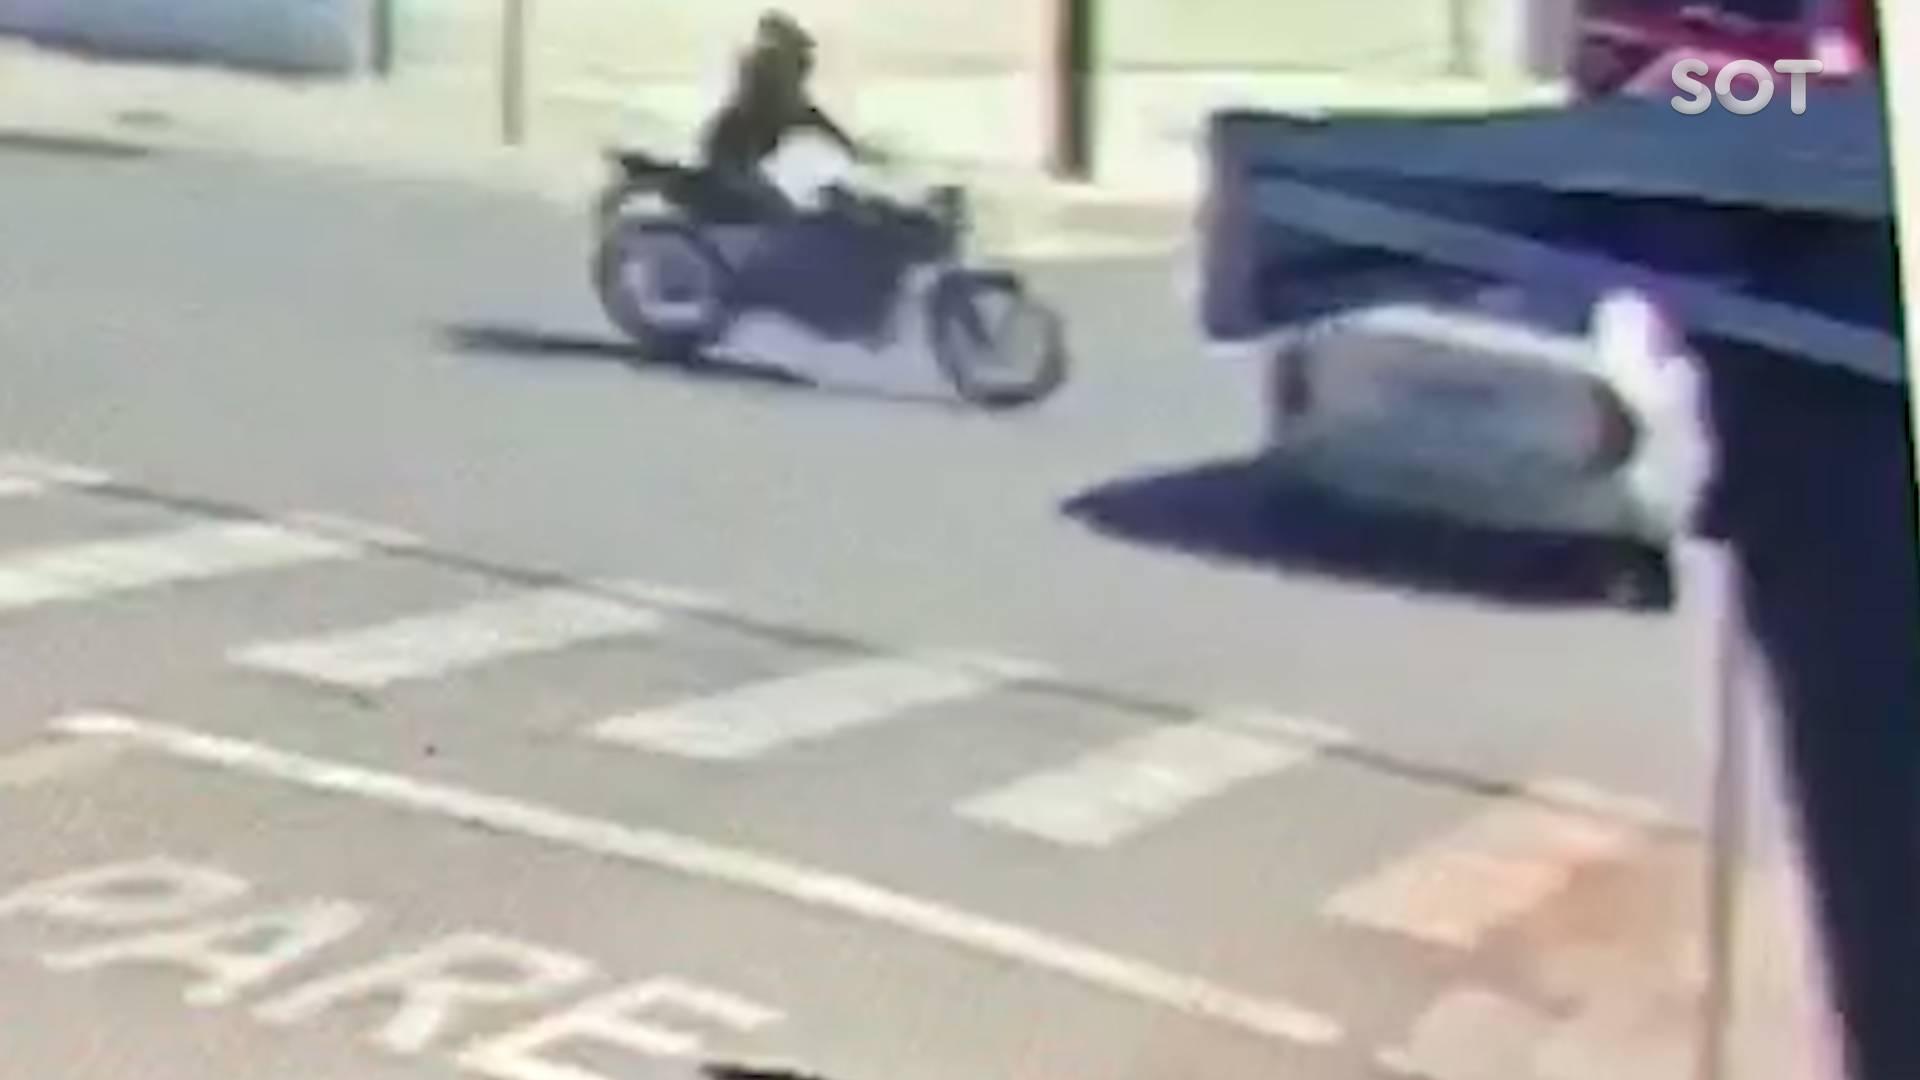 Câmera de segurança registra gravíssimo acidente de trânsito na Rua Itália em Cascavel